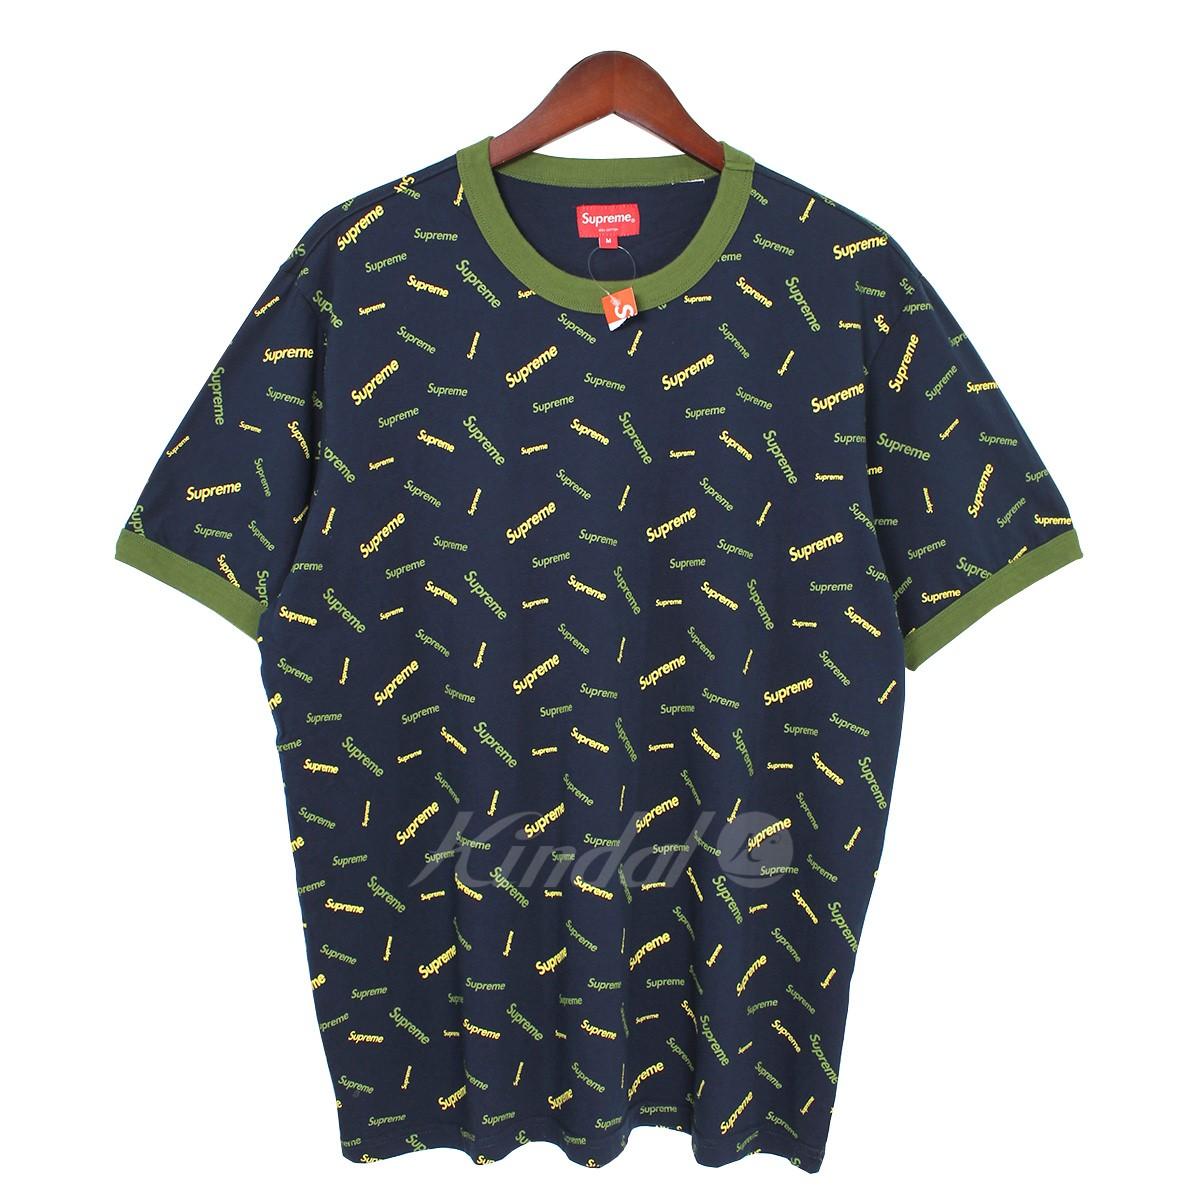 【中古】SUPREME 18AW Scatter Ringer マルチロゴTシャツ ネイビー サイズ:M 【送料無料】 【210818】(シュプリーム)